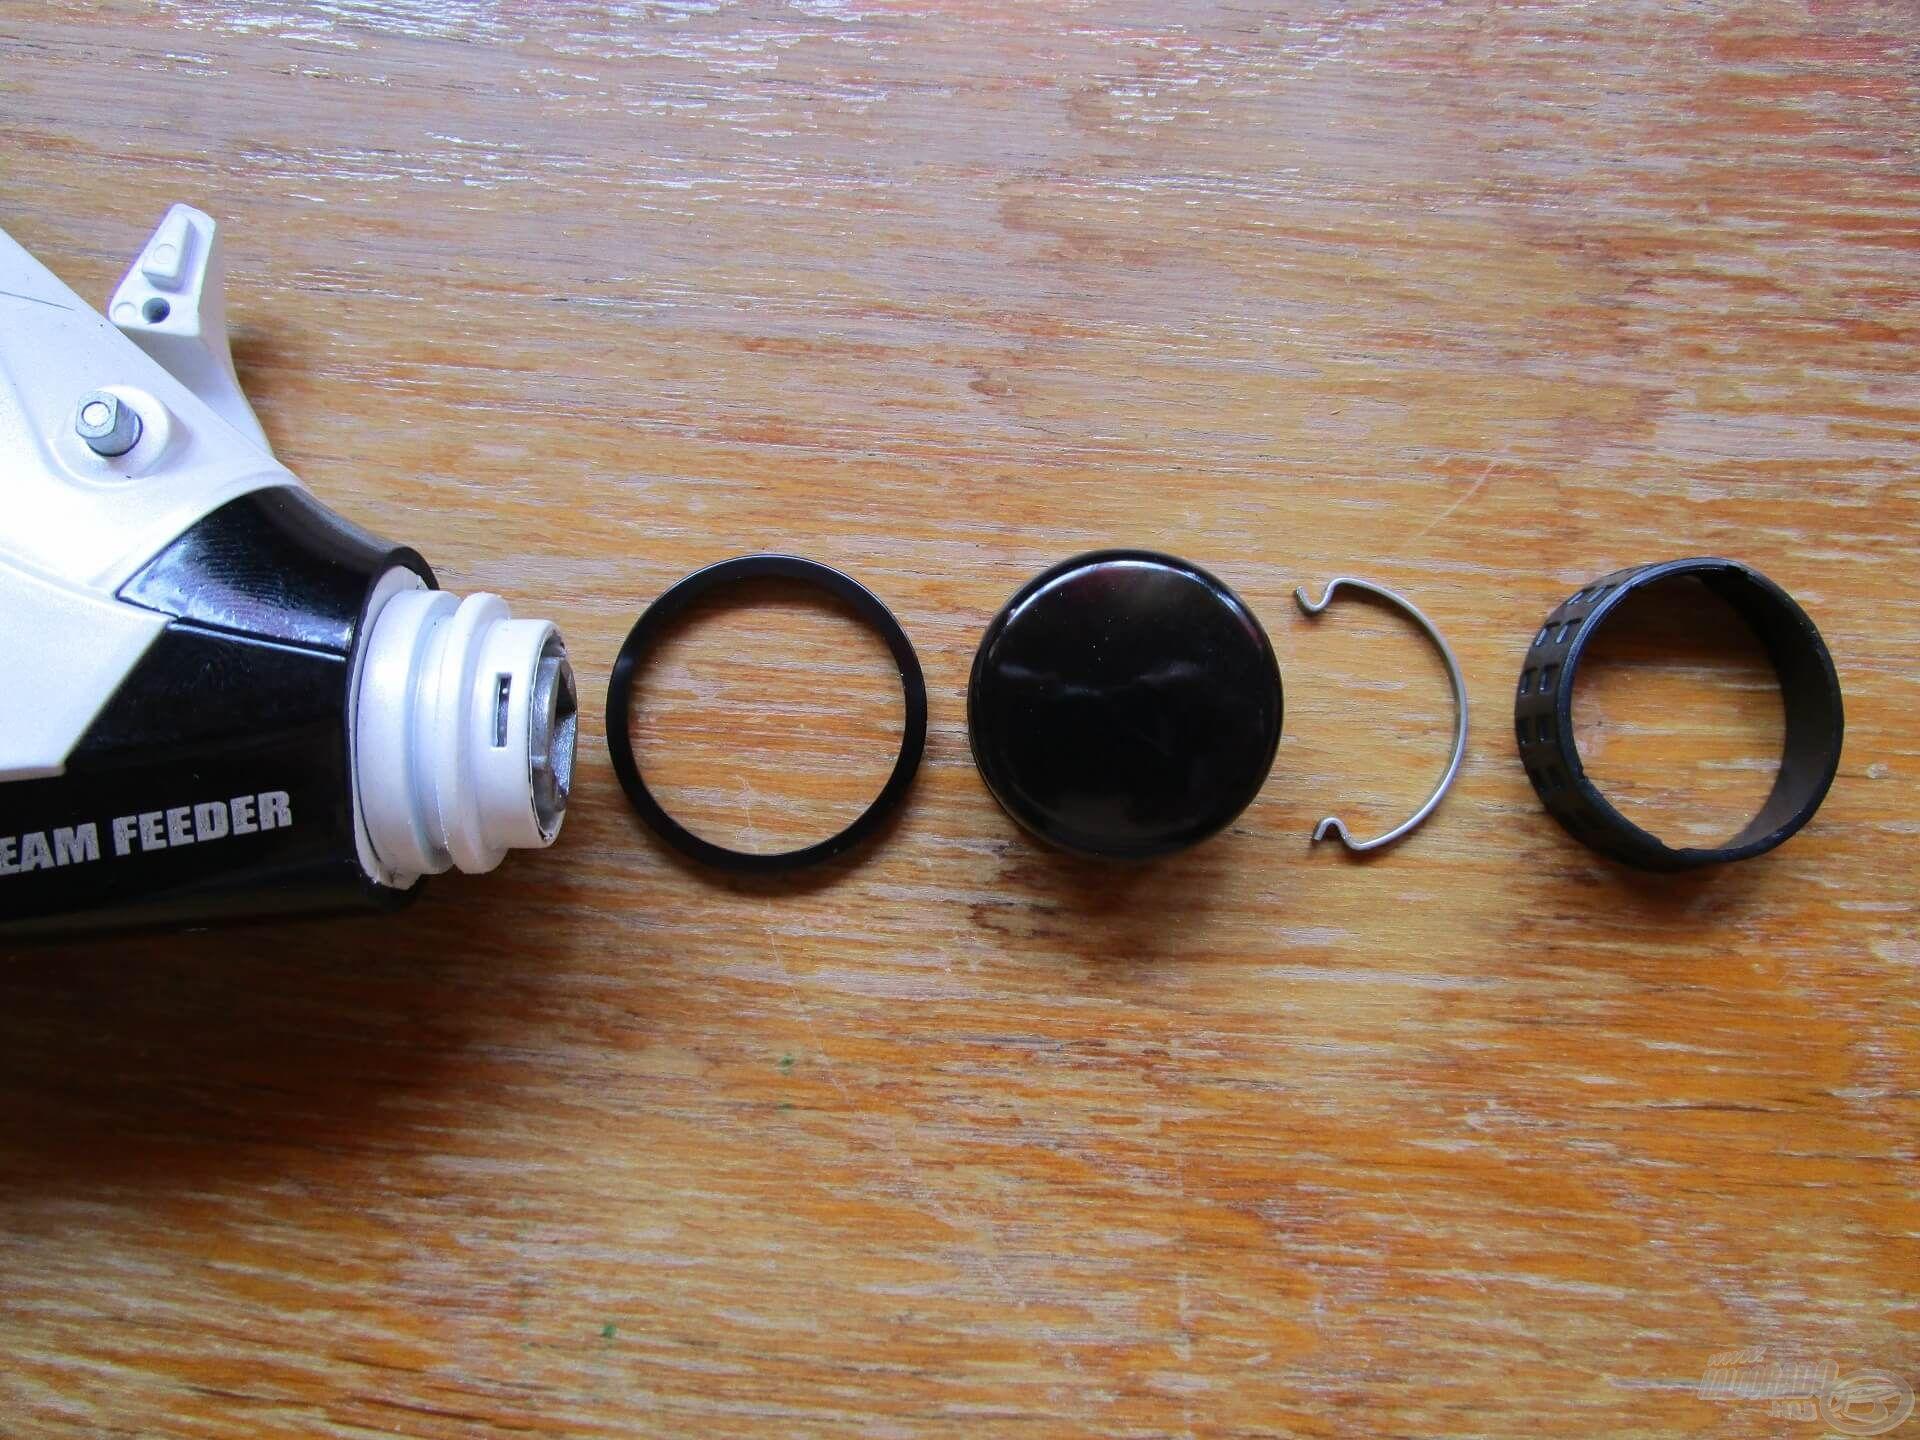 A nyeletőfék egy olyan tekerőgombbal szabályozható, ami gumiborítást kapott, így vizes kézzel sem lesz nehéz jobbra-balra forgatni